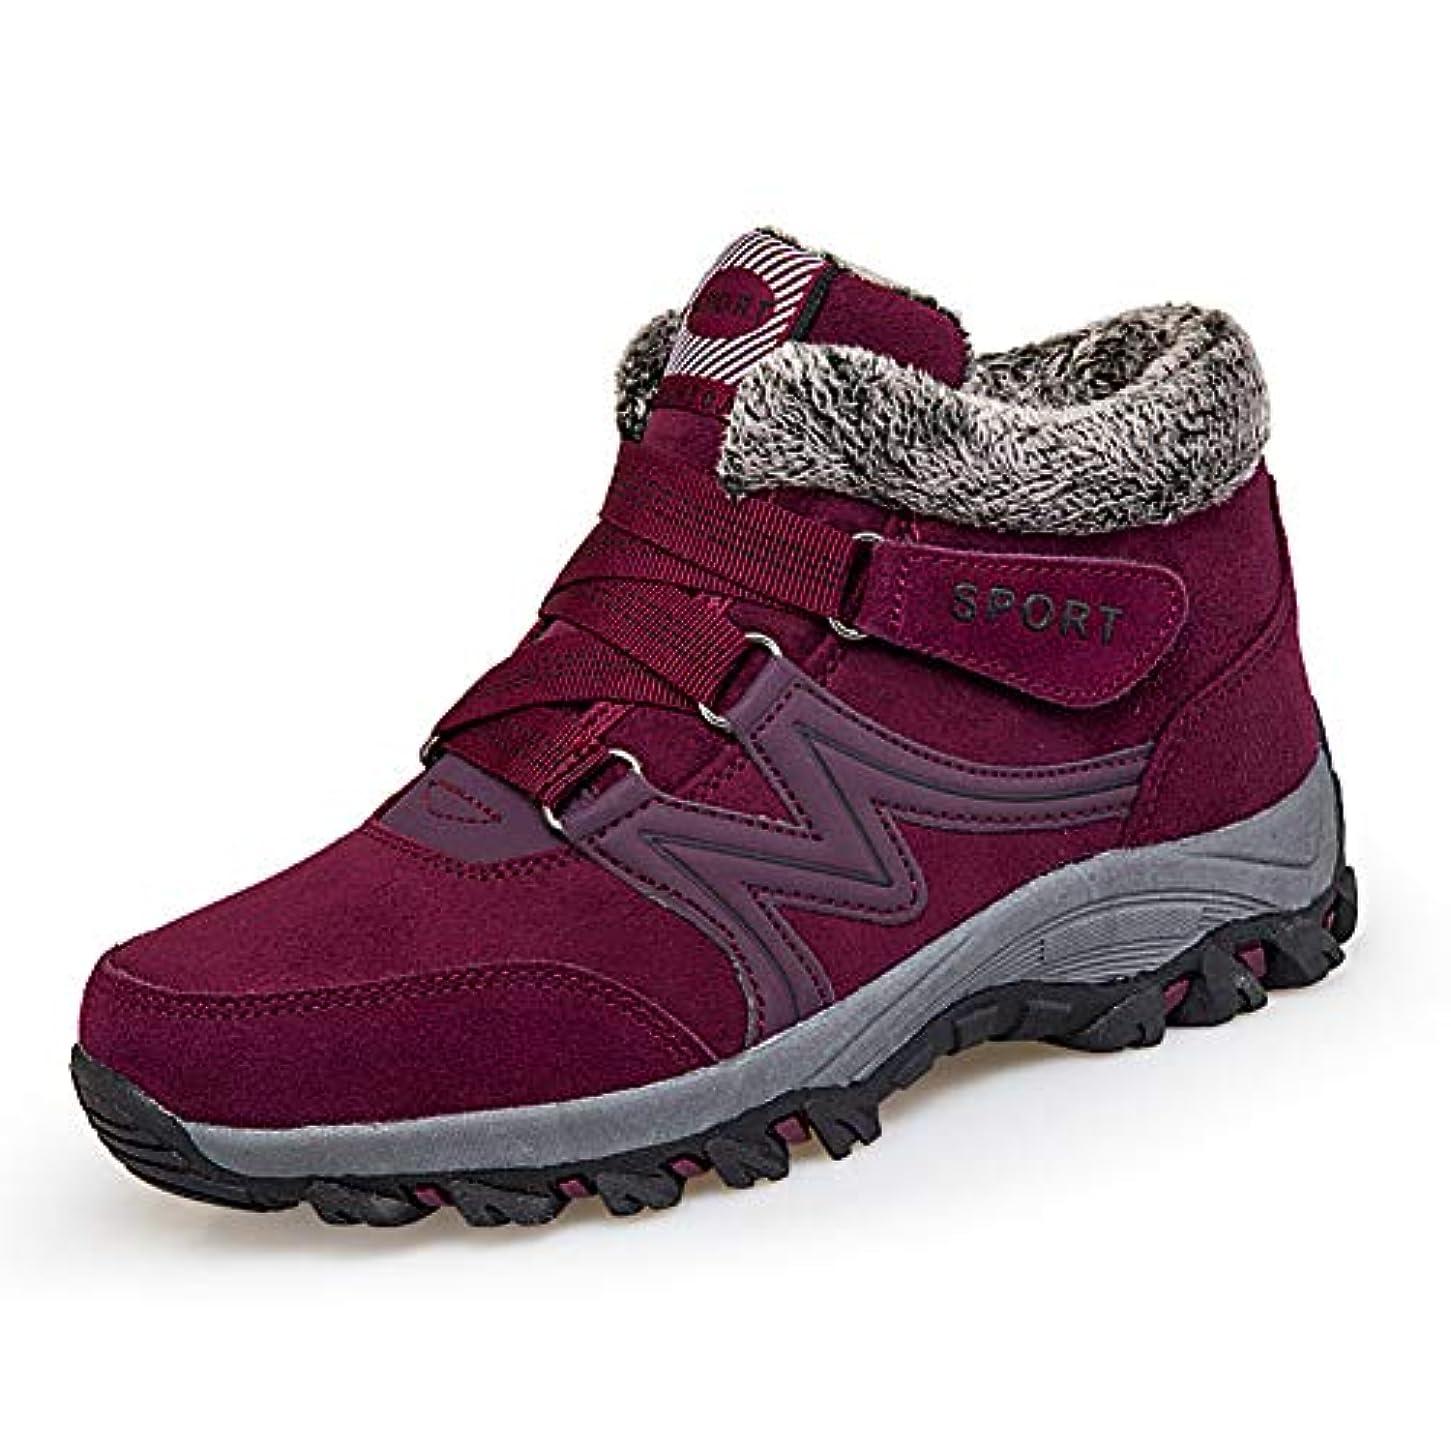 時期尚早考える願望ZUBOK介護シューズ 高齢者用 靴 アウトドア スノーブーツ スニーカー レディース 介護シューズ 高齢者シューズ 安全靴 マジックテープ 外反母趾 中高齢者靴 雪靴 綿靴(23cm, レッド)